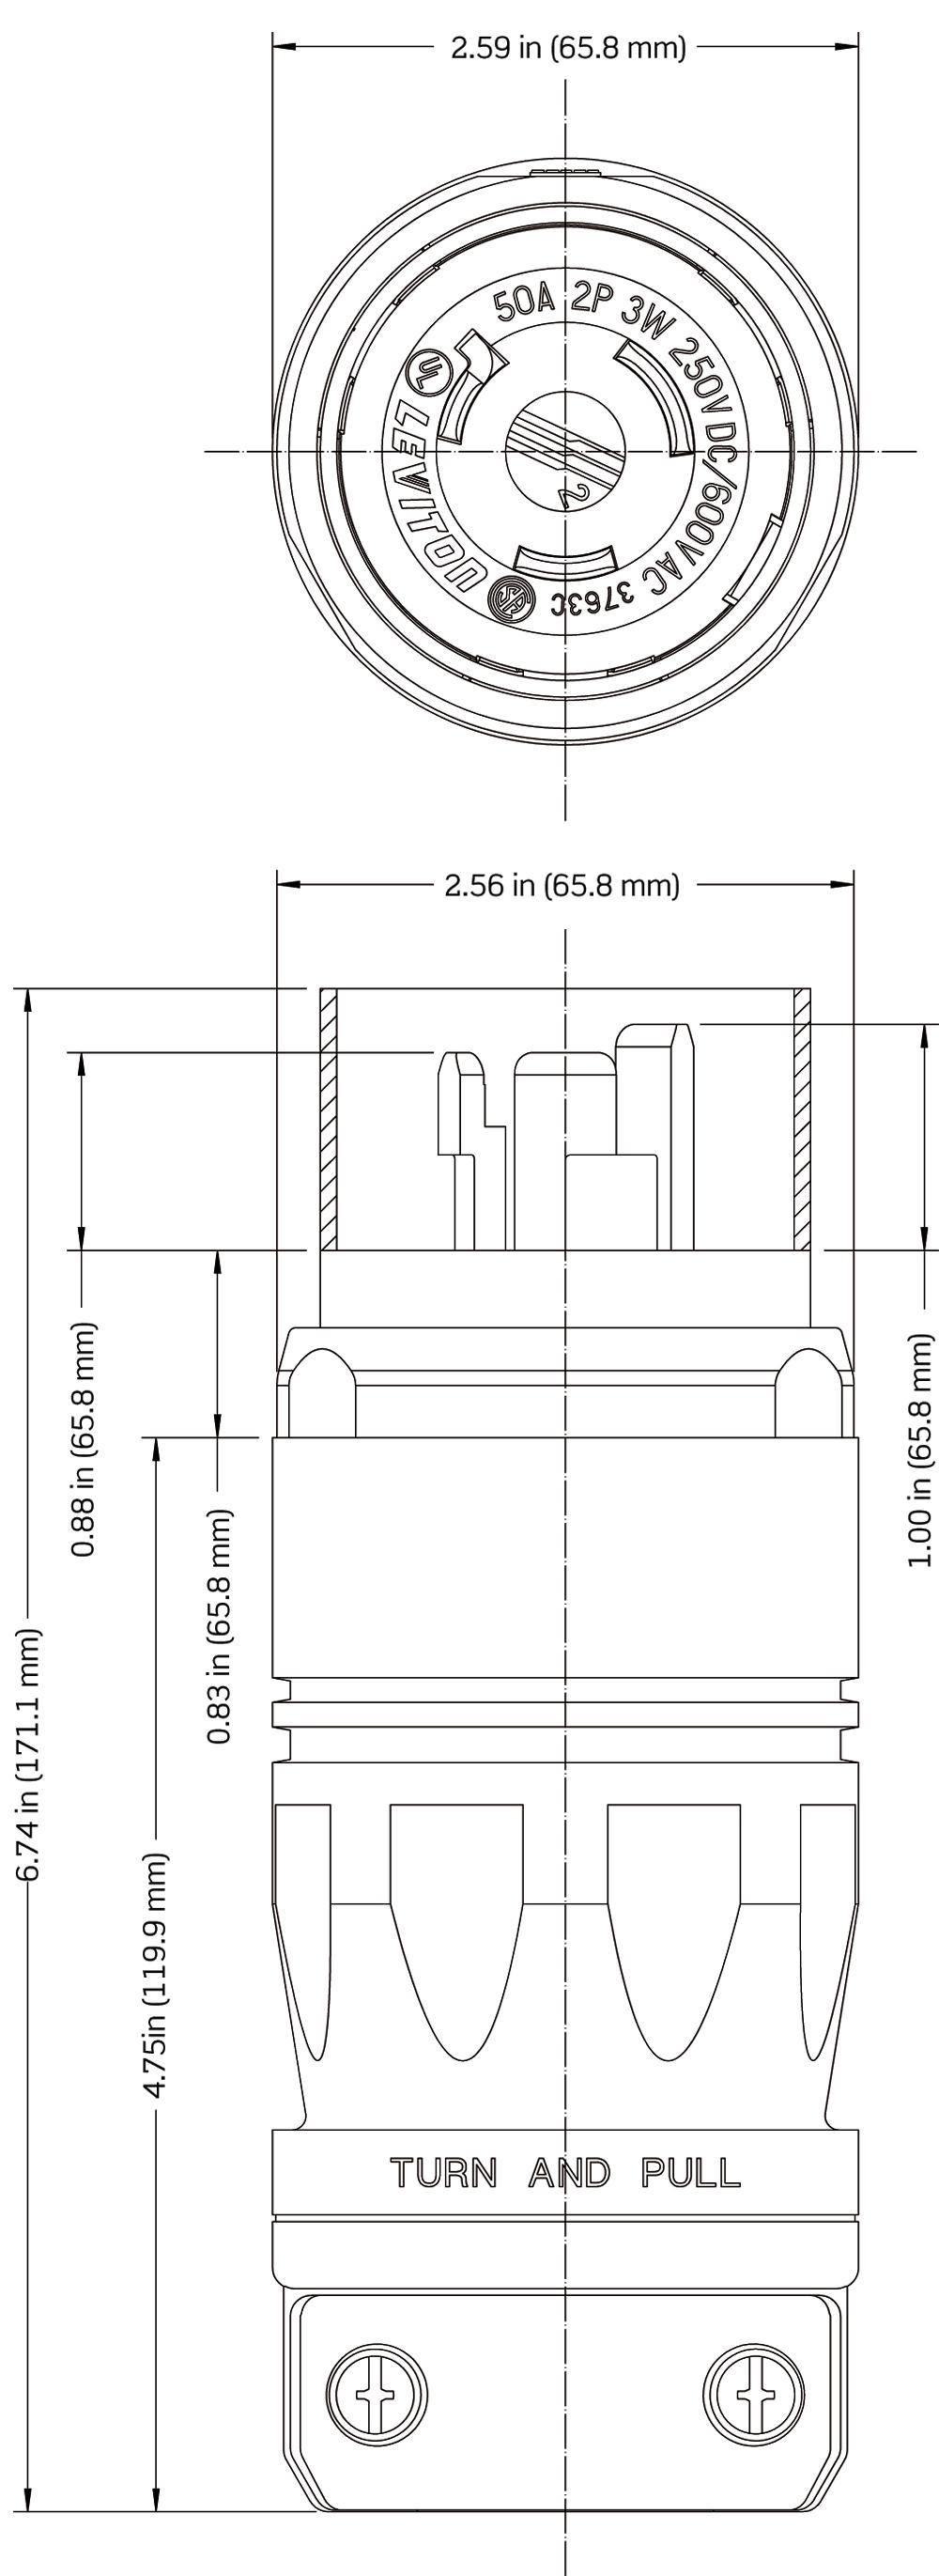 Nett F350 Bremslichtschaltplan Zeitgenössisch - Der Schaltplan ...